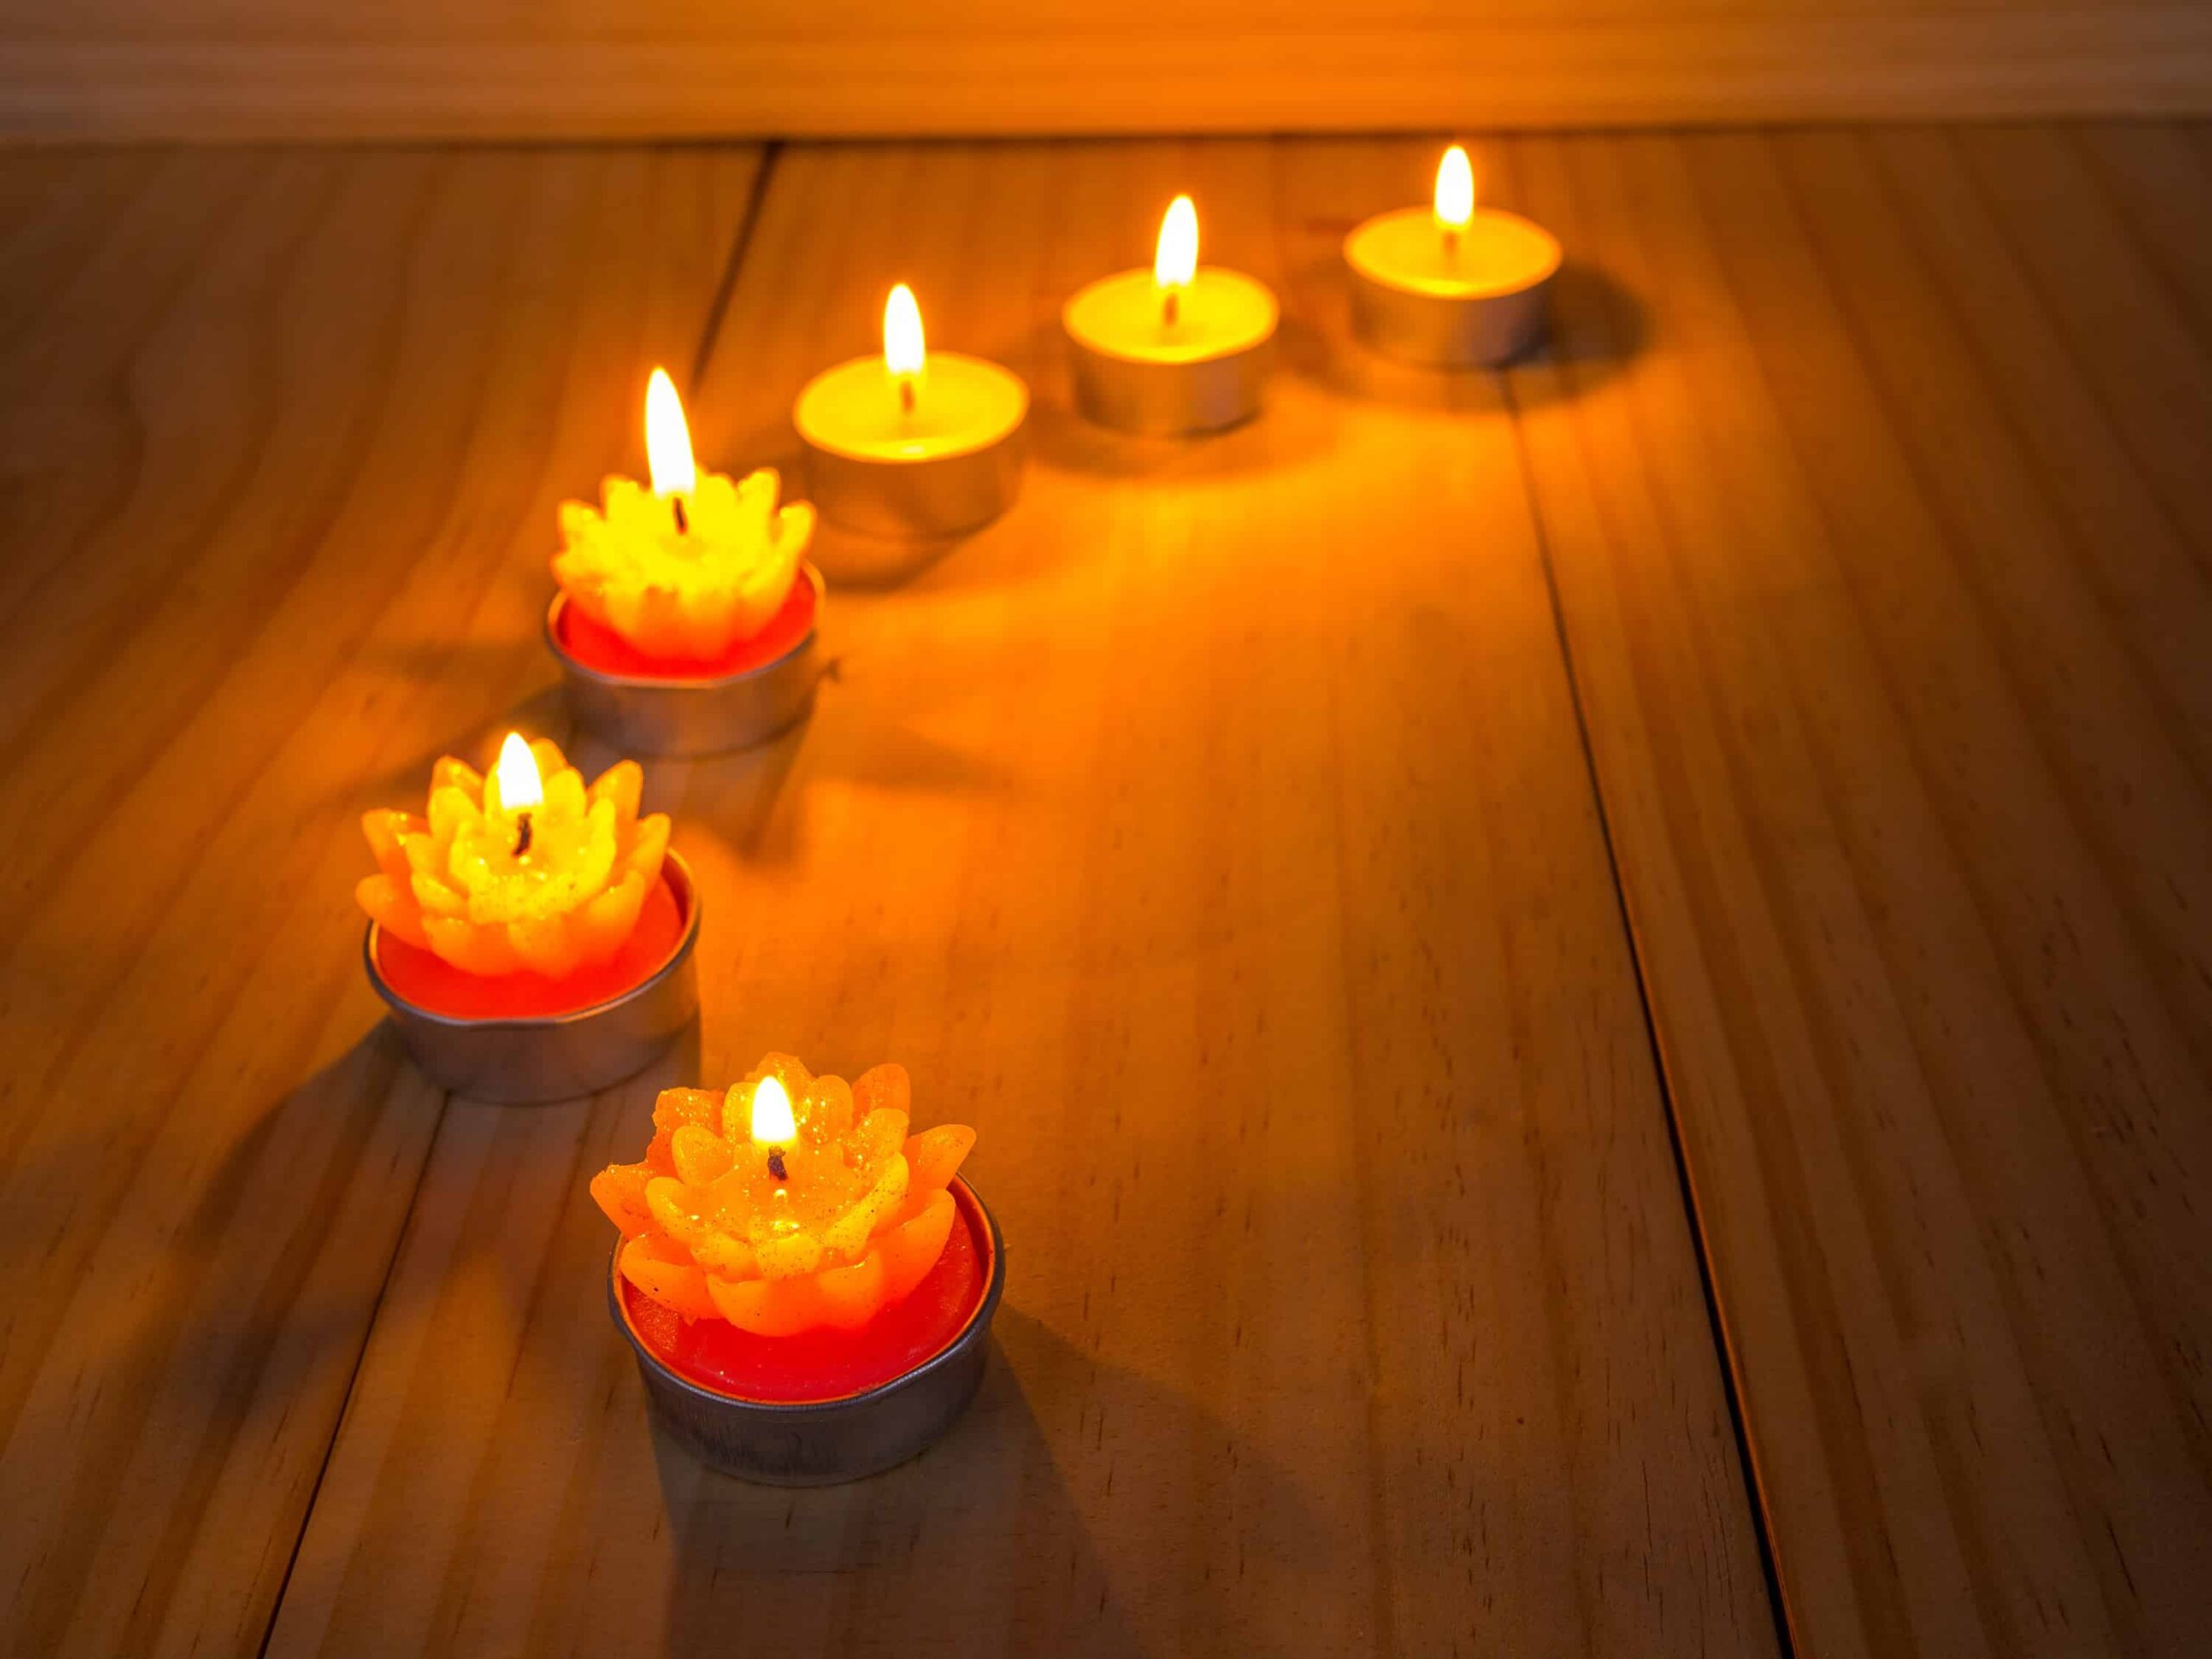 Đừng để những thứ dẫn nhiệt lên mặt sàn gỗ